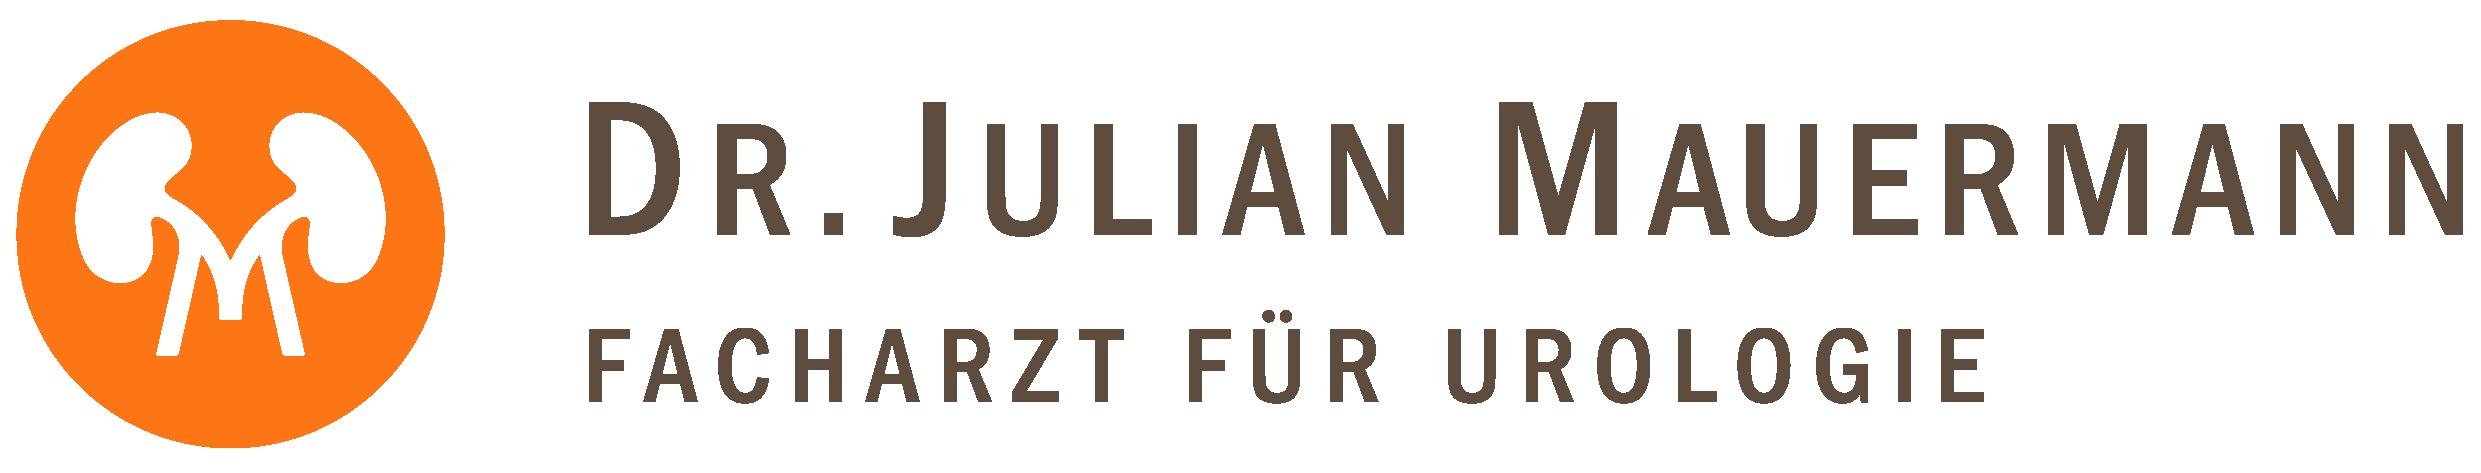 Dr. Julian Mauermann – Facharzt für Urologie